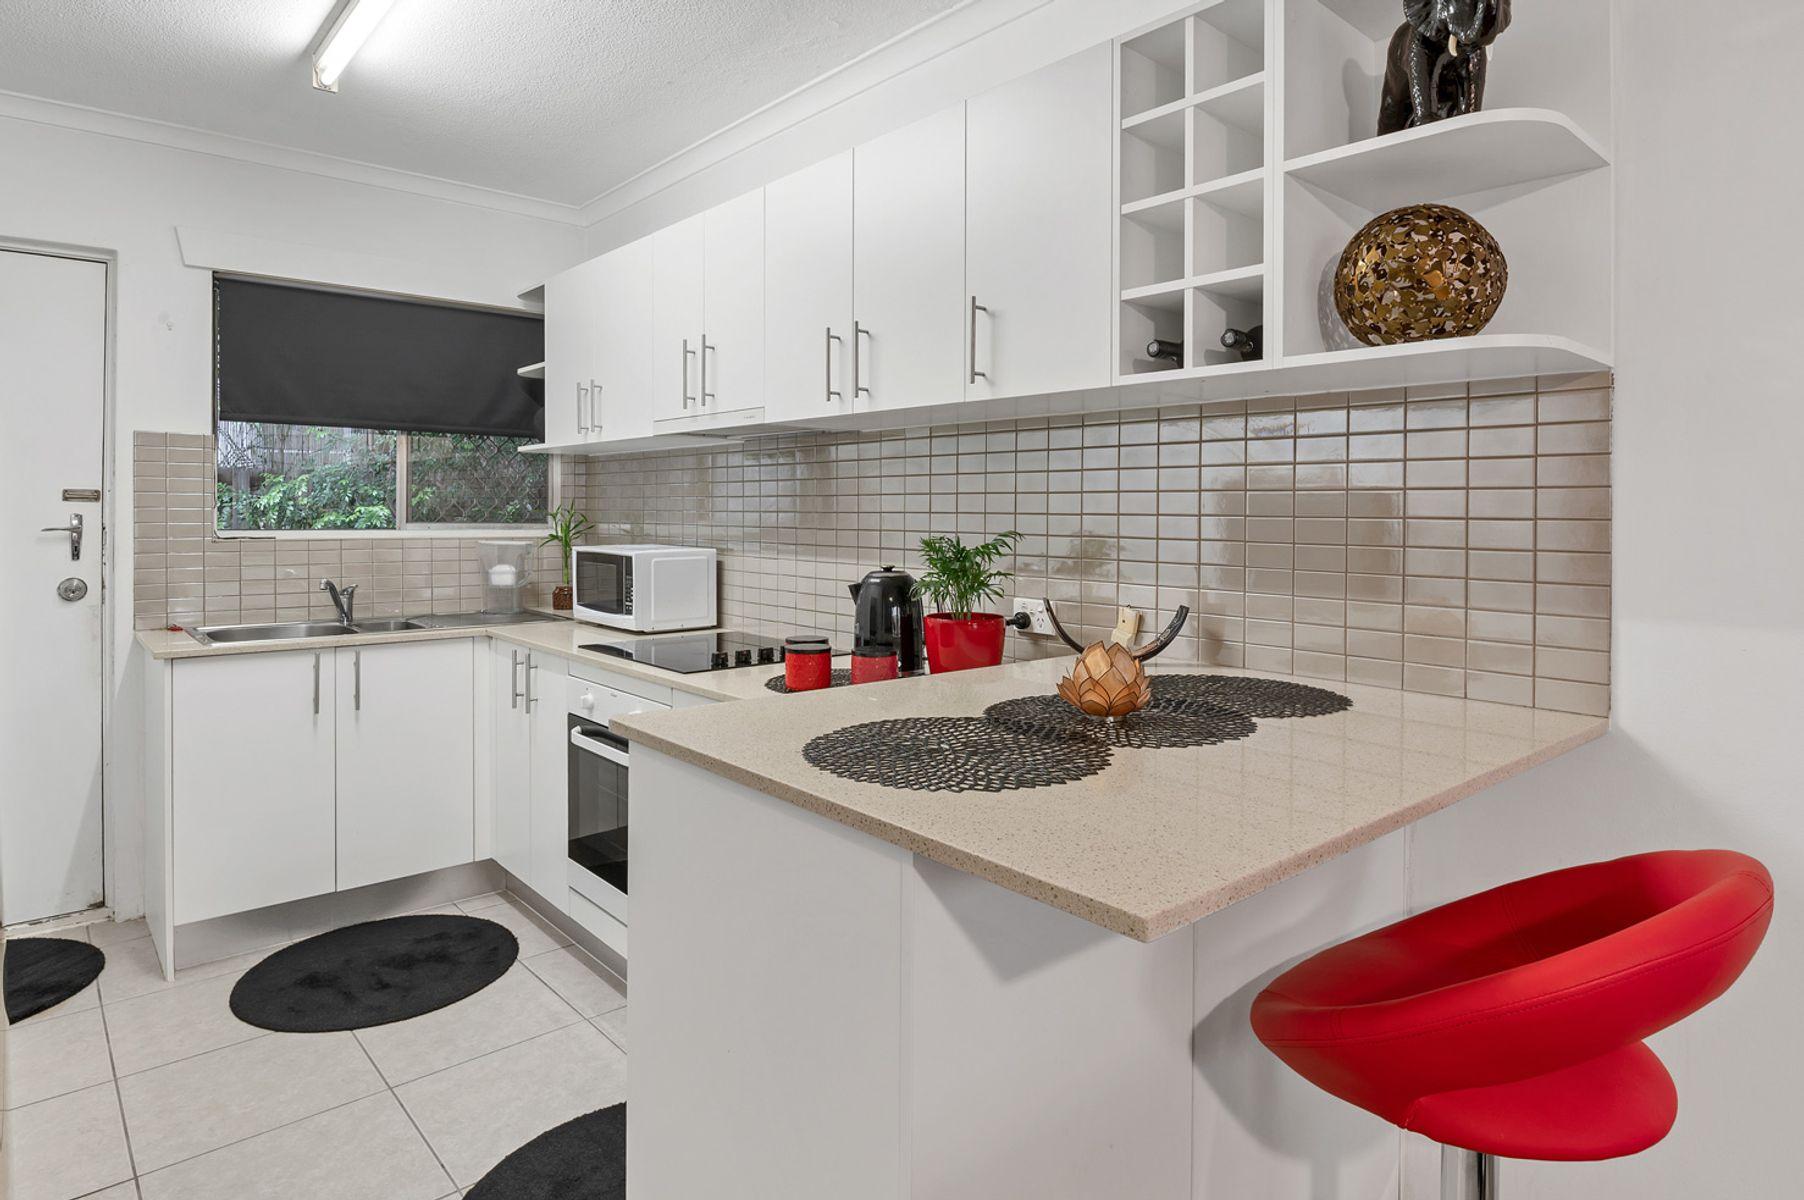 2/19 Weemala Street, Chevron Island, QLD 4217